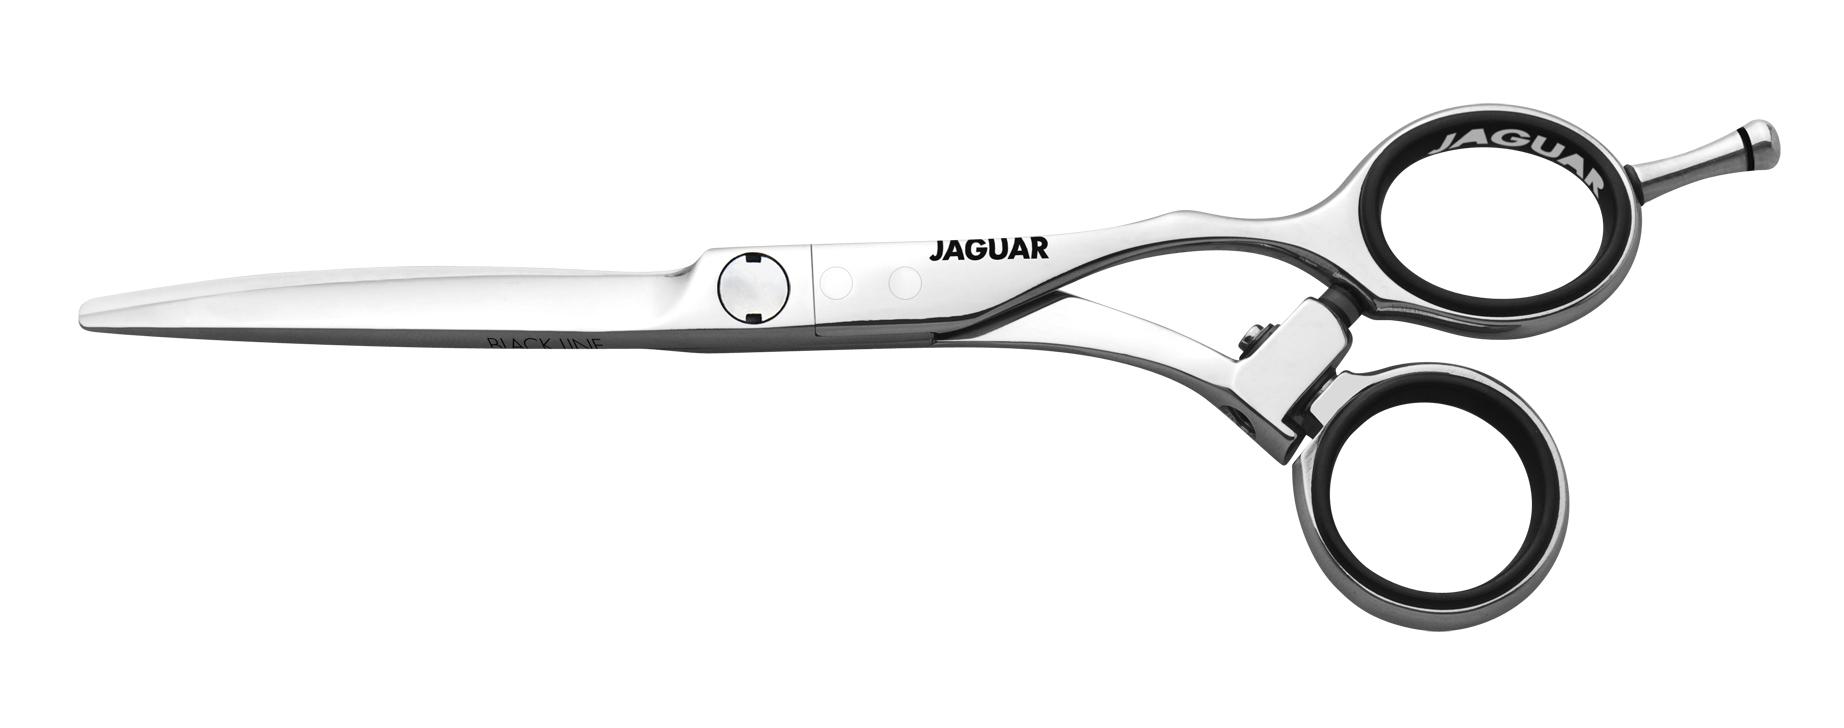 """JAGUAR Ножницы A Evolution-Flex 5.75 *****Ножницы <br>EVOLUTION FLEX 5.75"""" = 15.0 cm Блестящая техническая изысканность. Длинна полотен ножниц : 15 см.<br><br>Класс косметики: Профессиональная"""